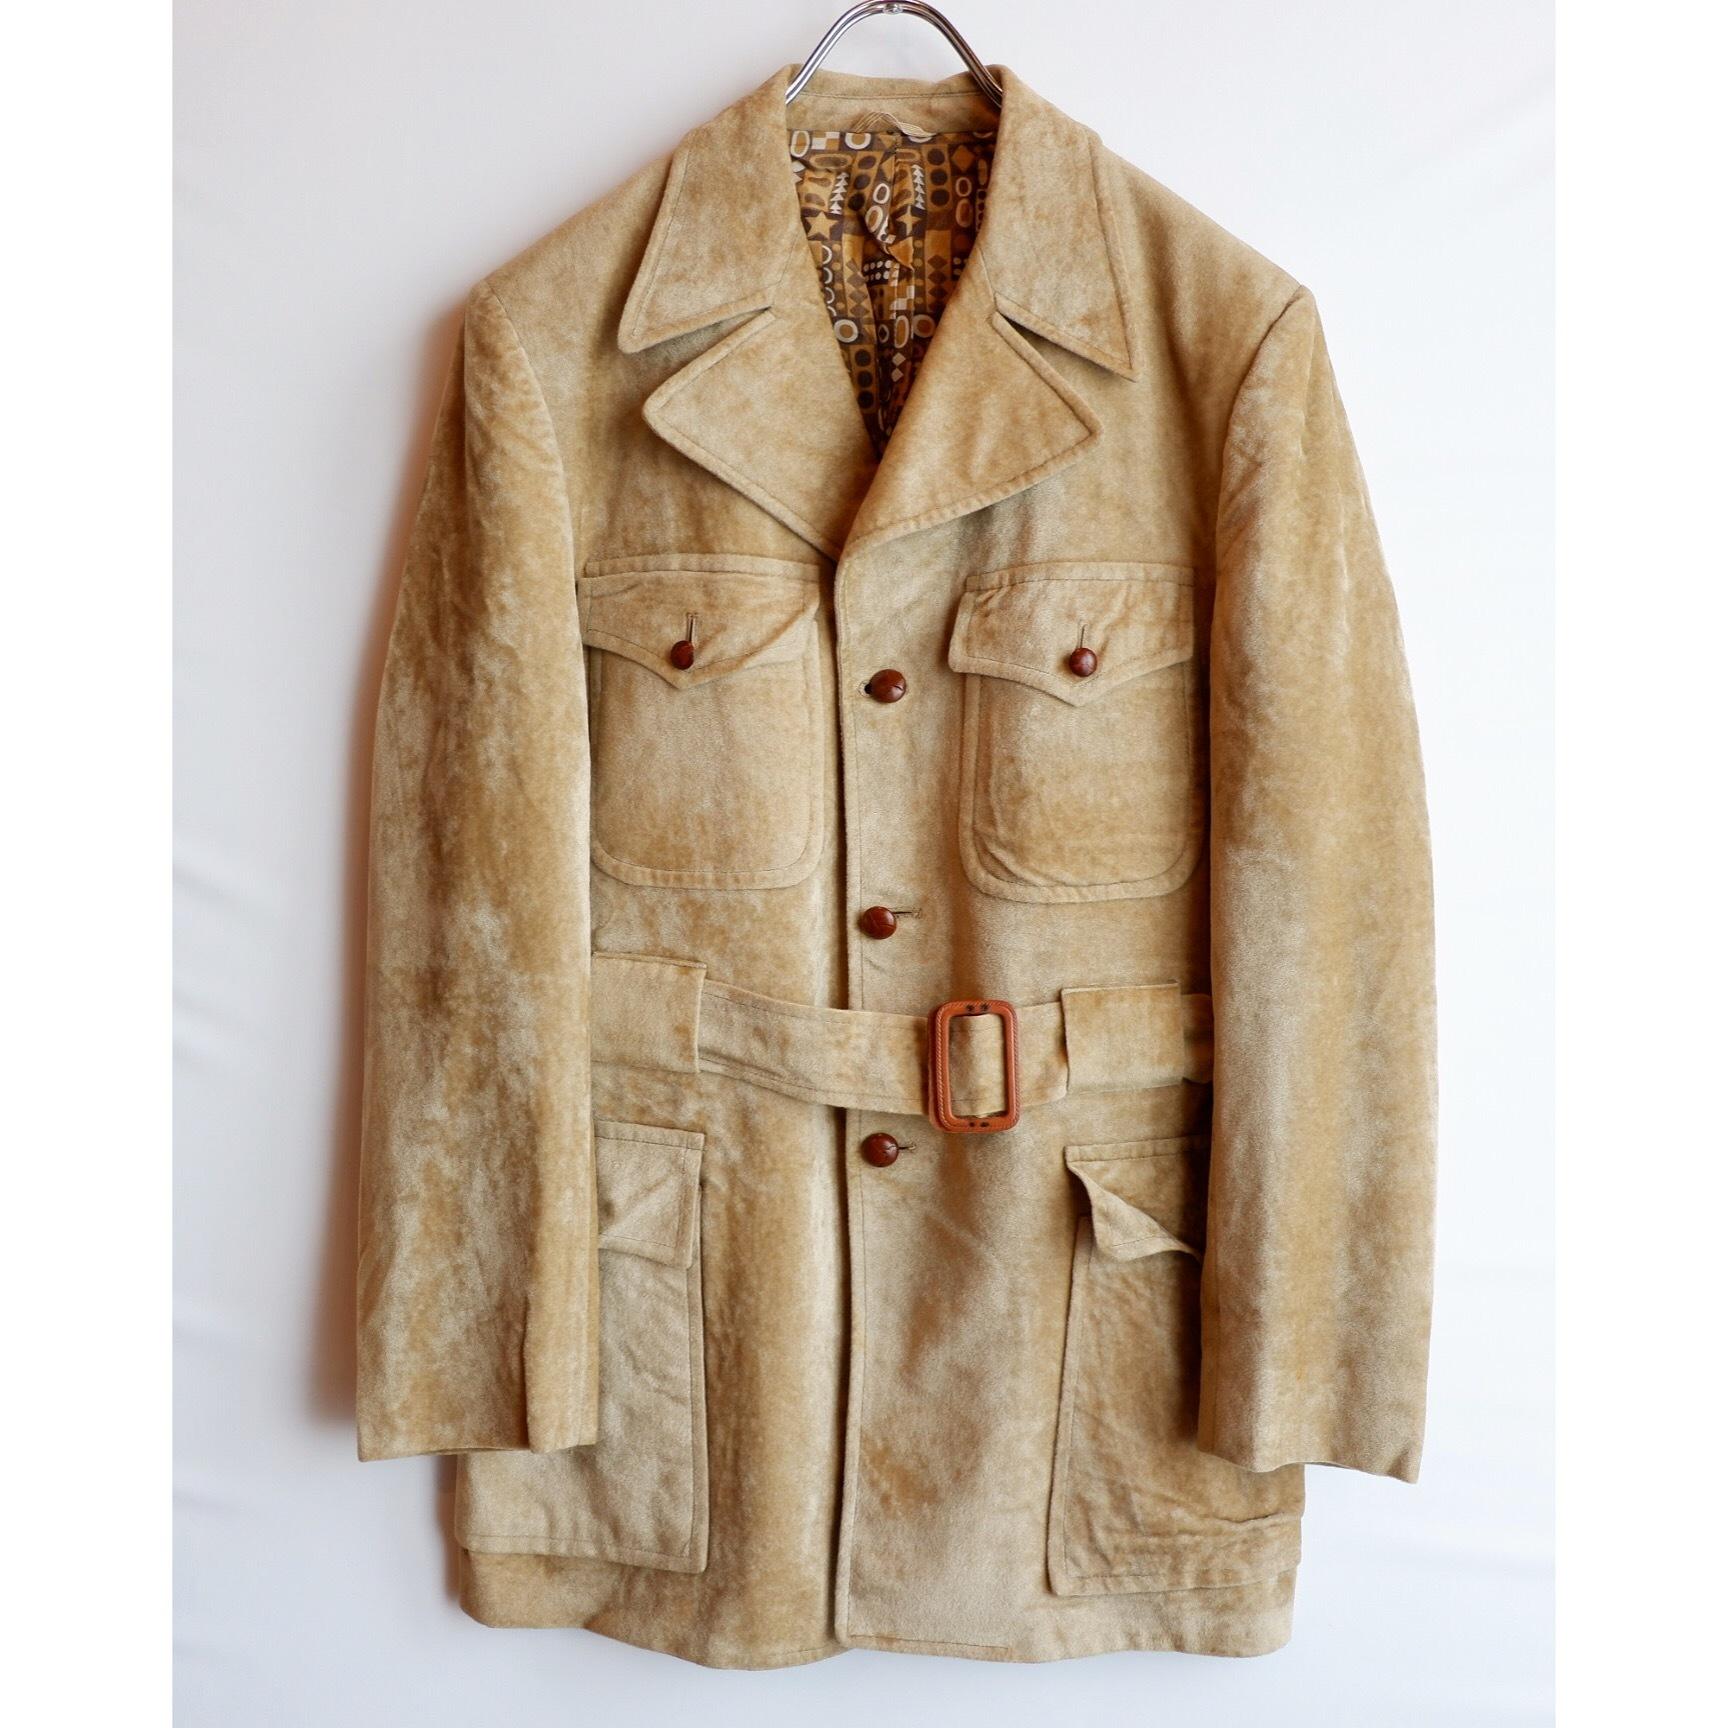 アメリカ古着 1970s vintage ベロア ジャケット